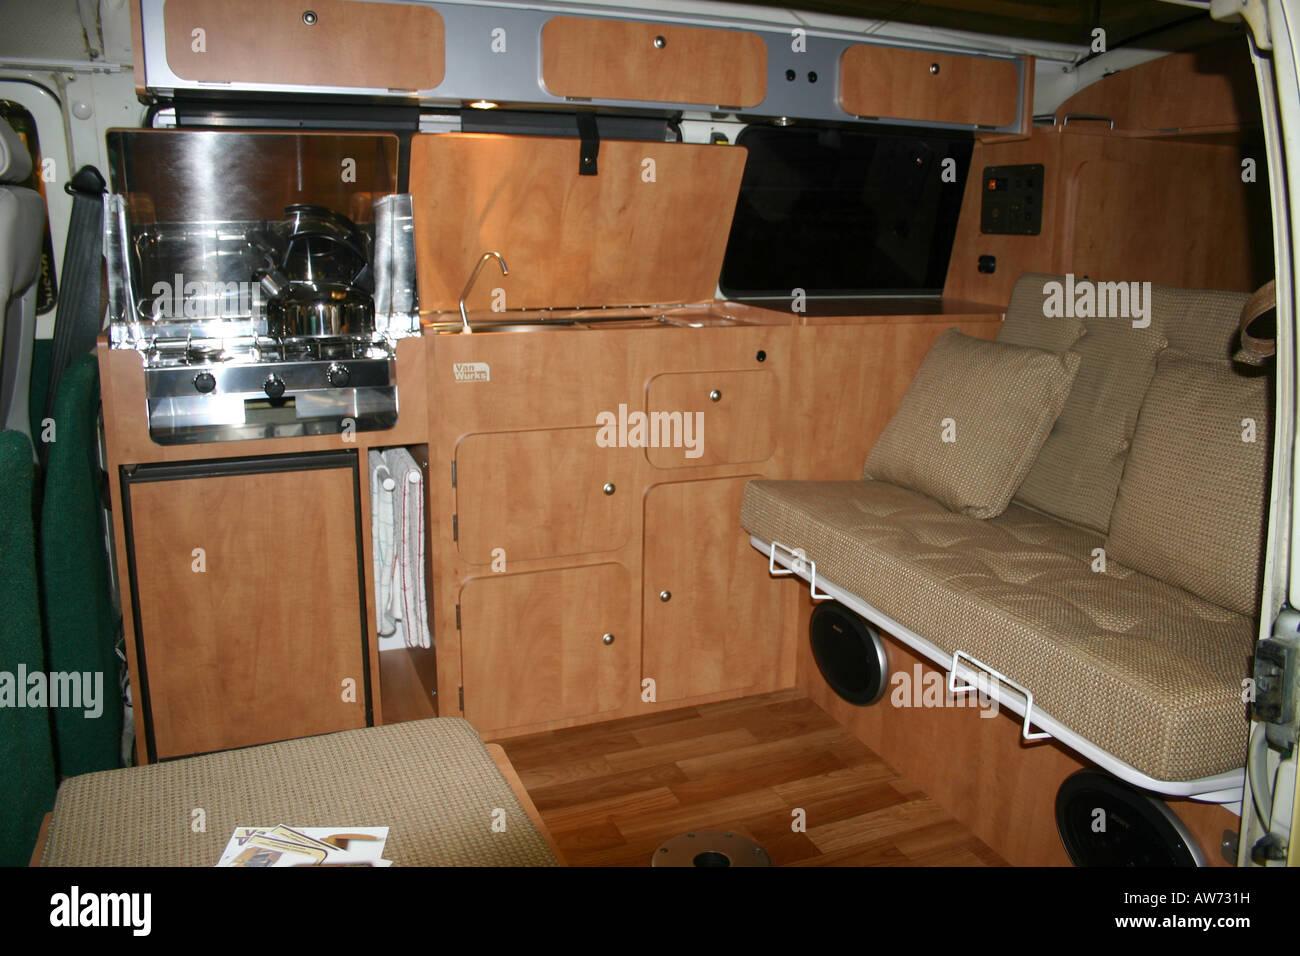 Volkswagen Camper Van Interior Stock Photo Alamy